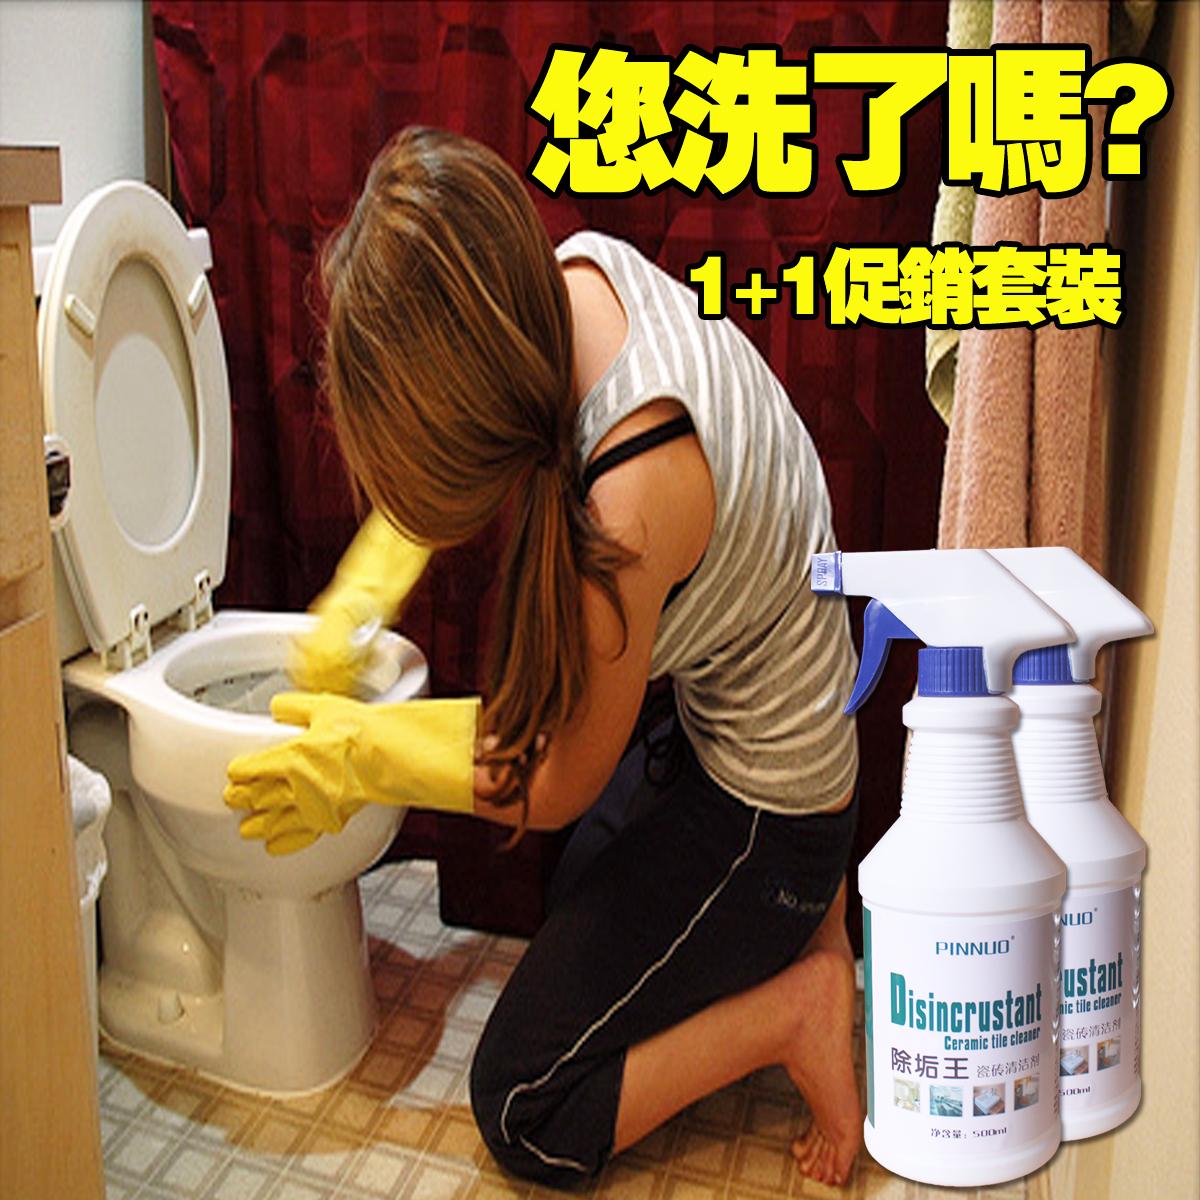 除垢王卫生间水锈污垢尿渍马桶洁瓷器水垢清除剂2017二瓶装洁厕液